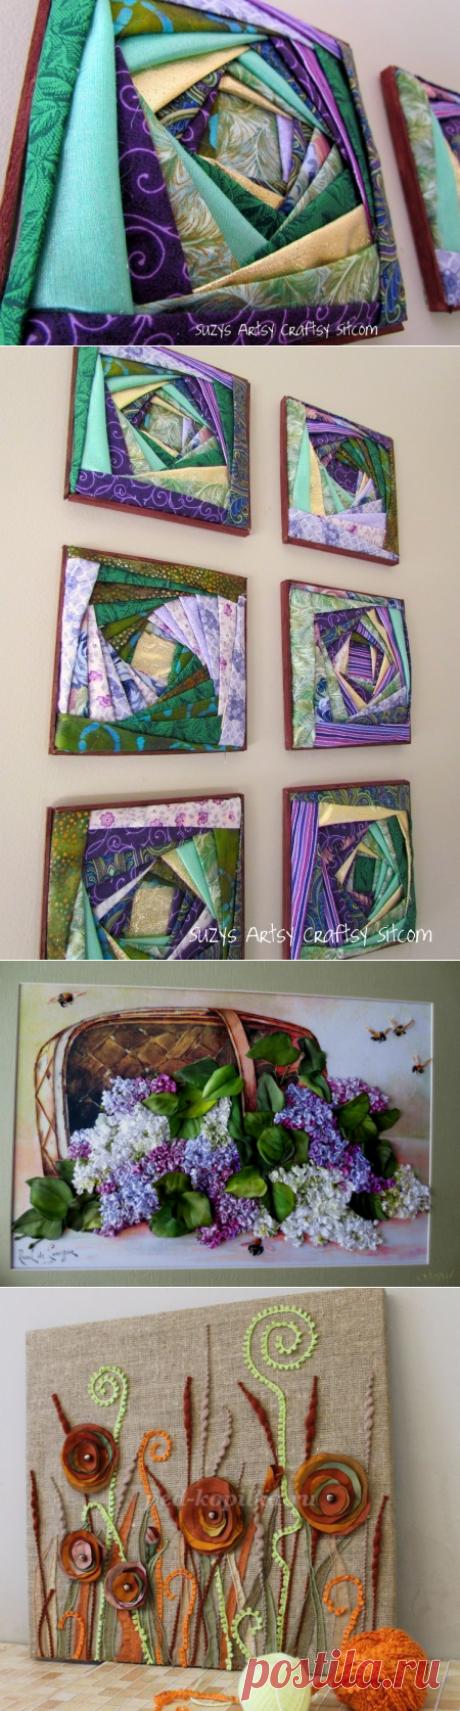 Оригинальные панно из лоскутов — Делаем руками